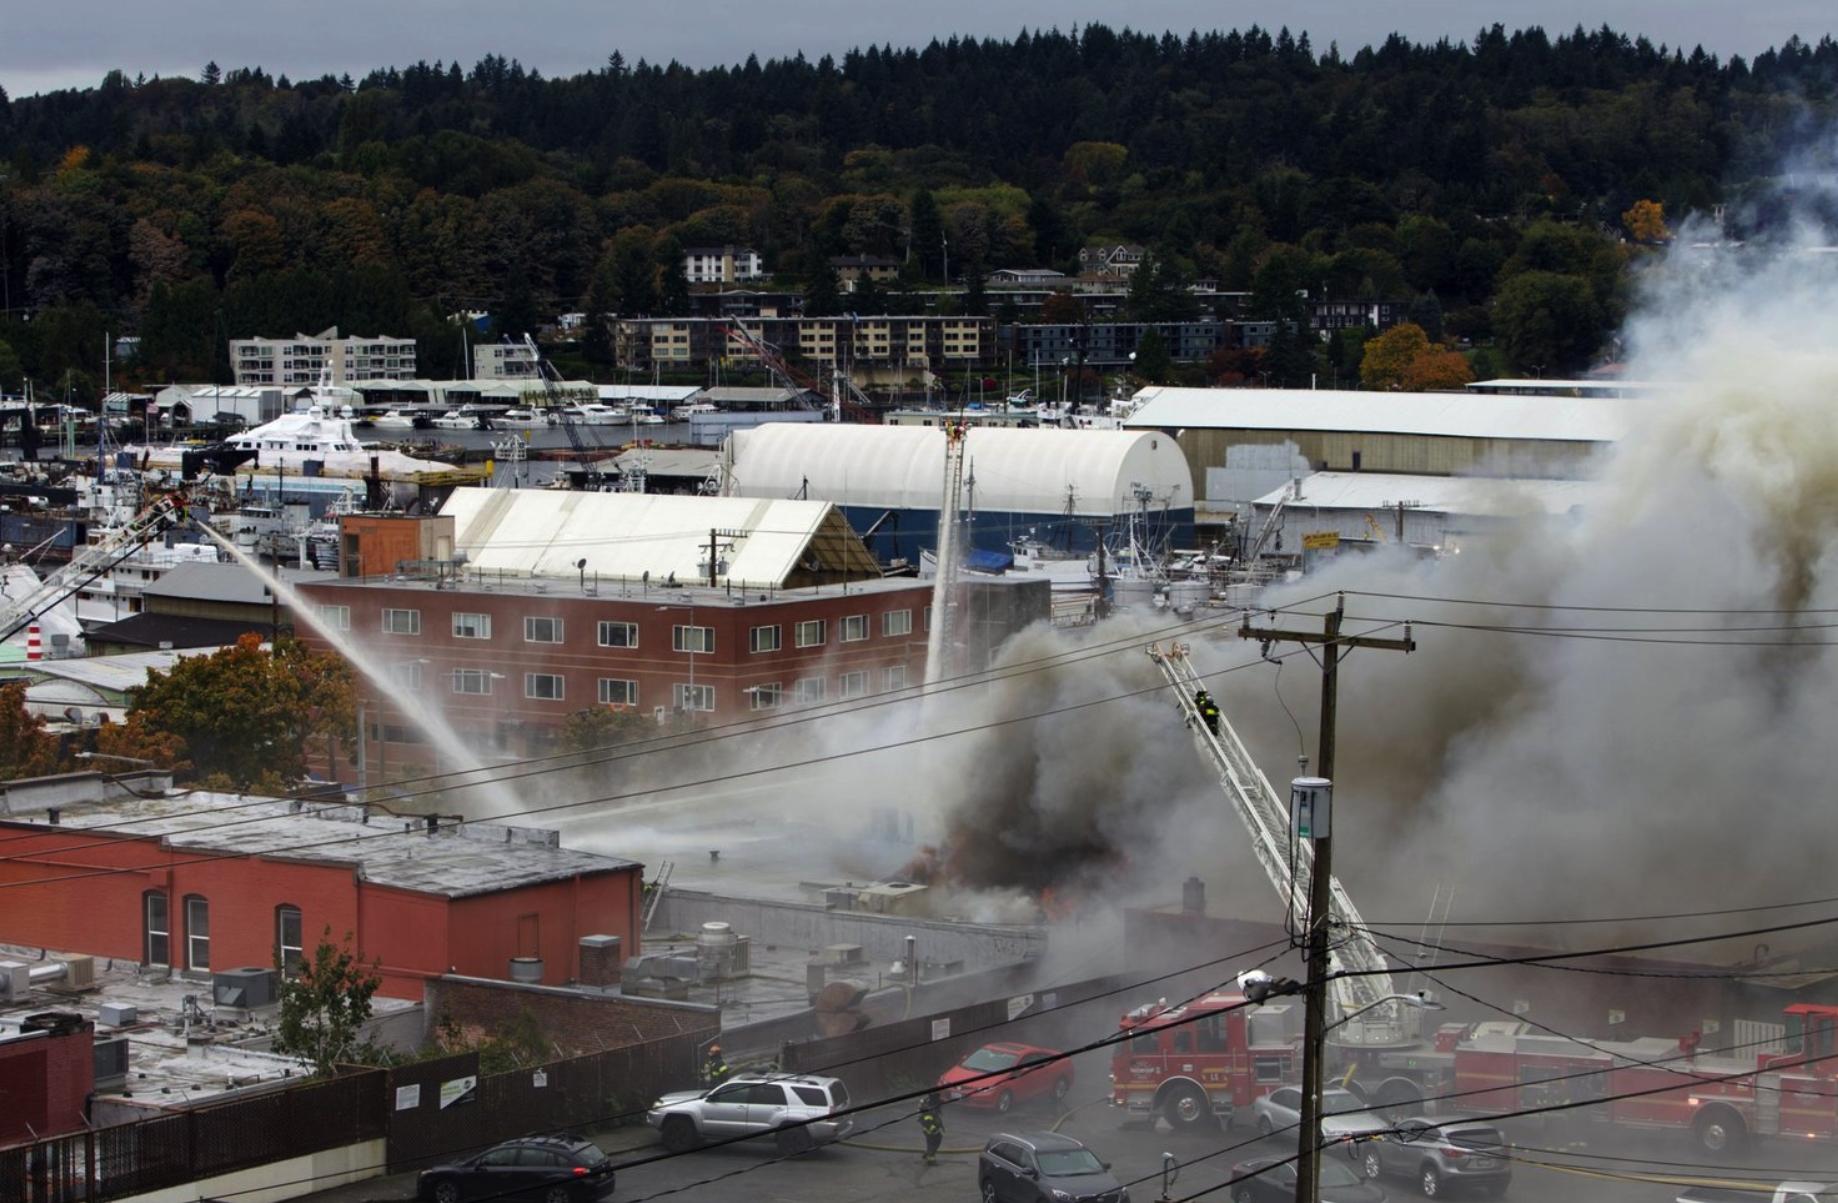 Hỏa hoạn ở khu Ballard, thành phố Seattle ít nhất 5 cơ sở thương mại bị thiêu rụi